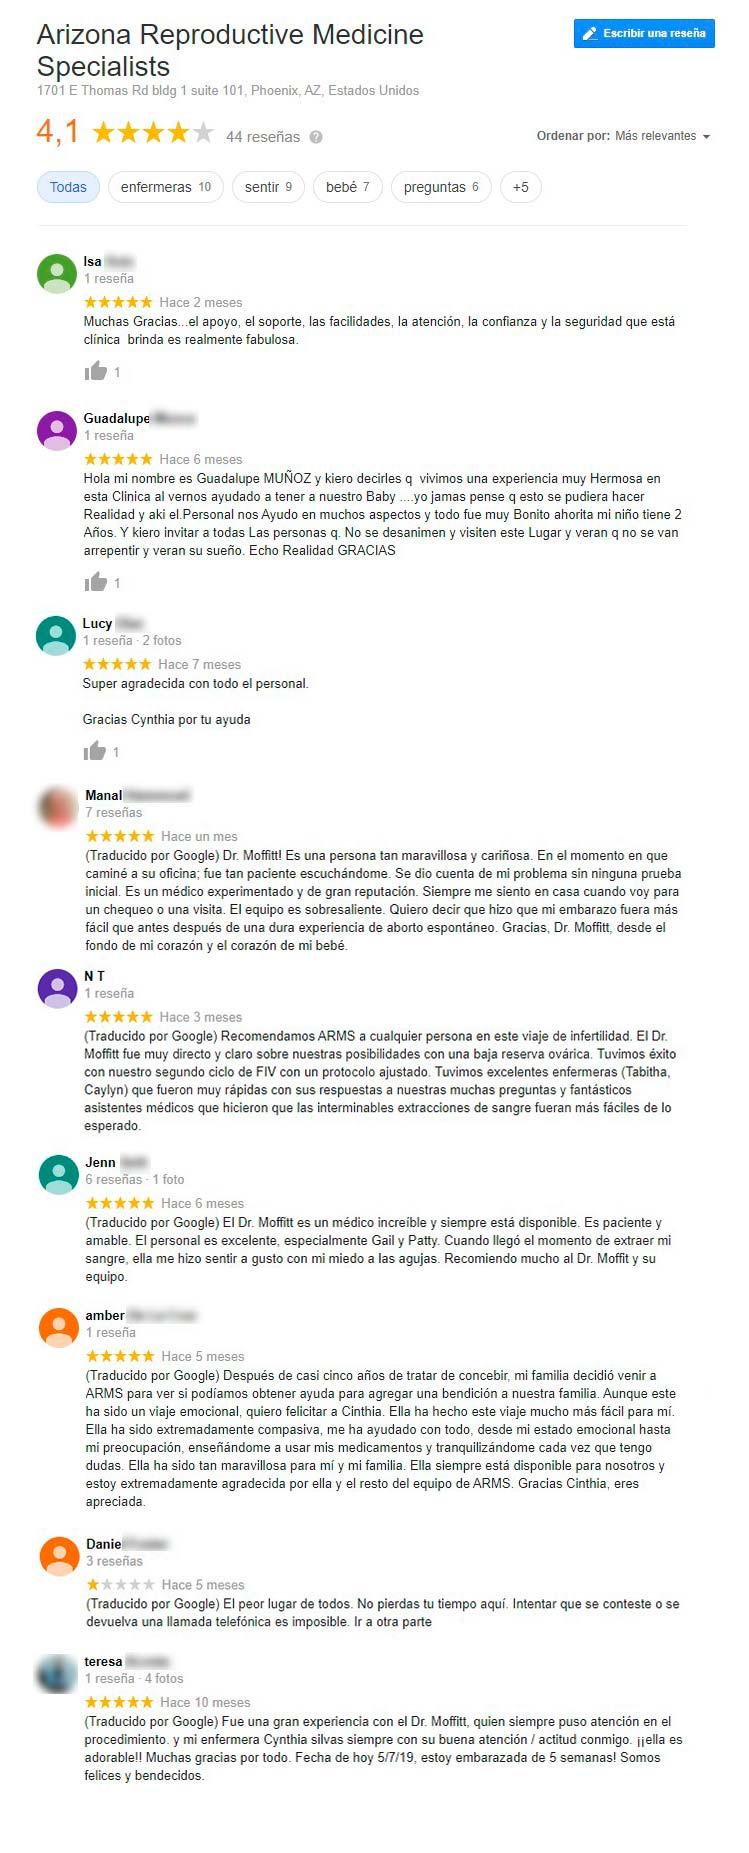 Opiniones de Arizona Reproductive Medicine Specialists